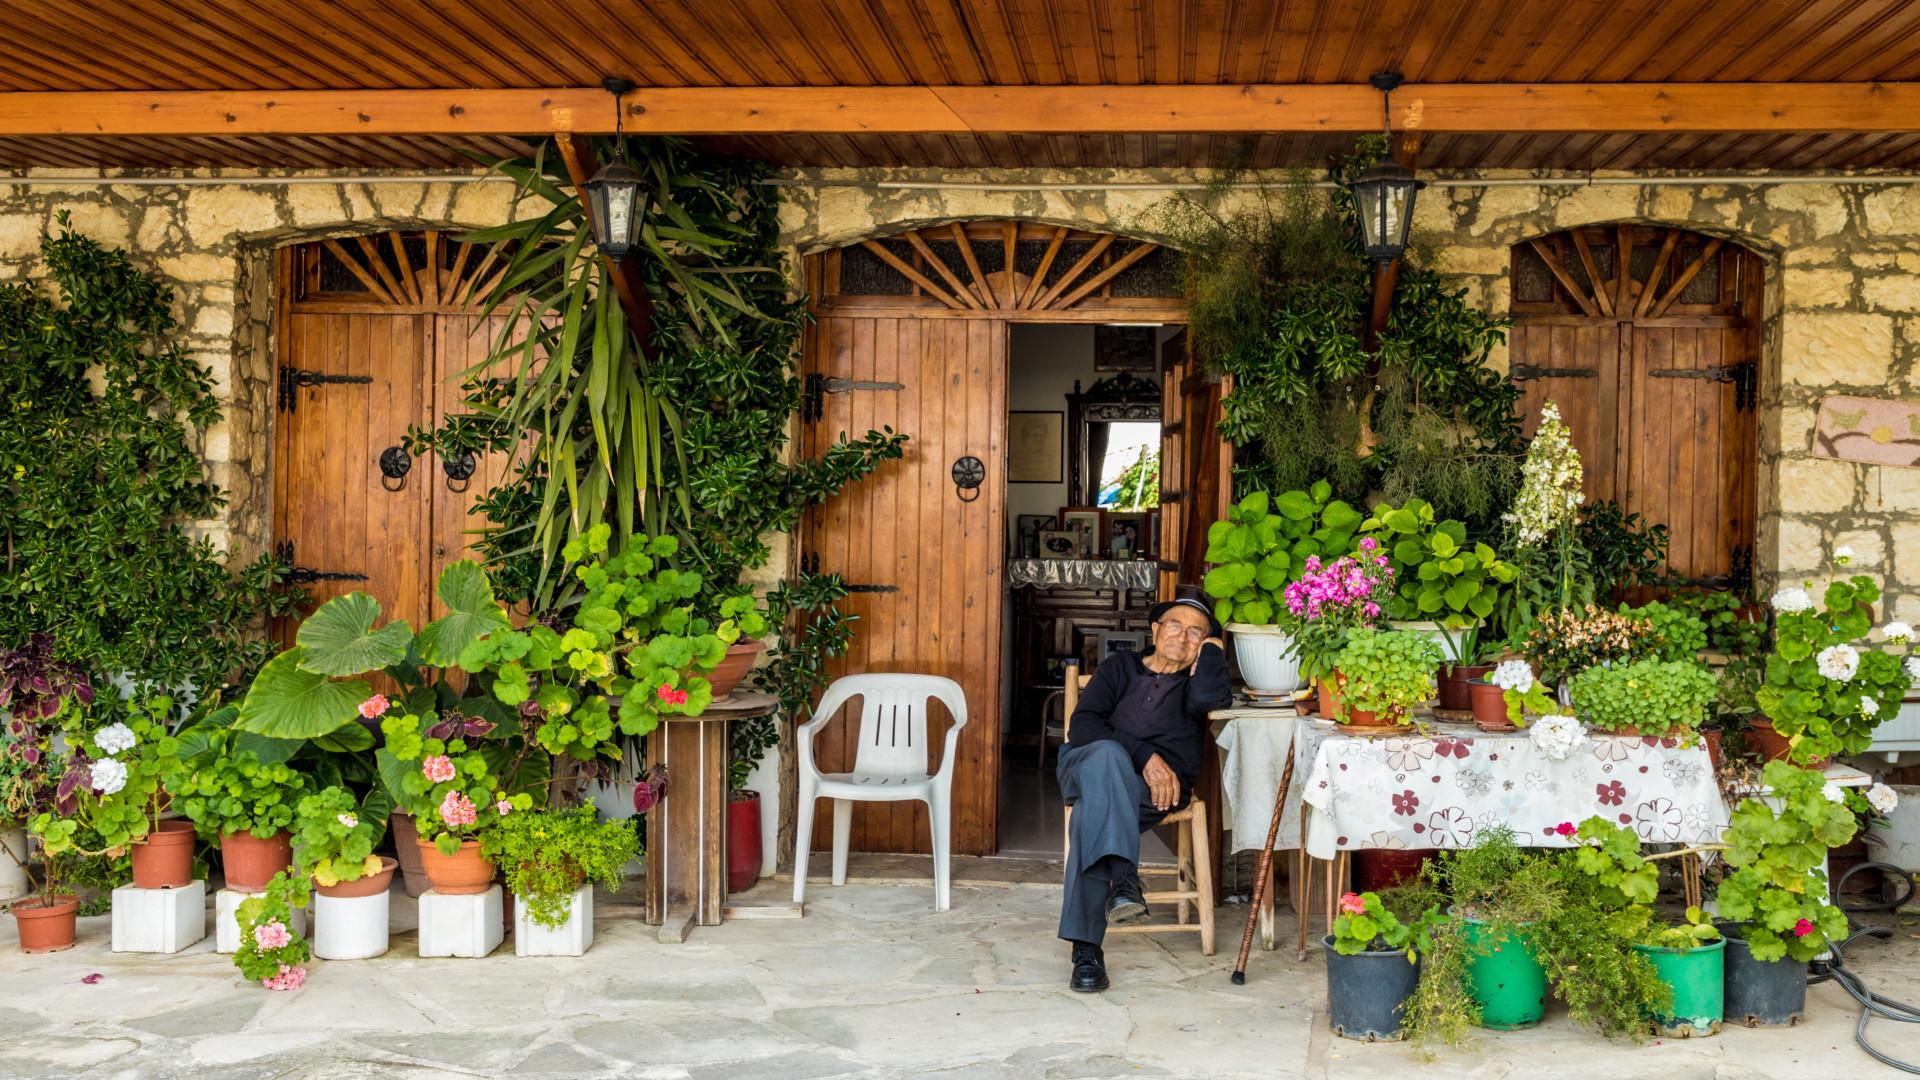 Een lokale man in zijn stoel in een prachtige tuin met planten in een dorpje in Omodos, Cyprus binnenland overig